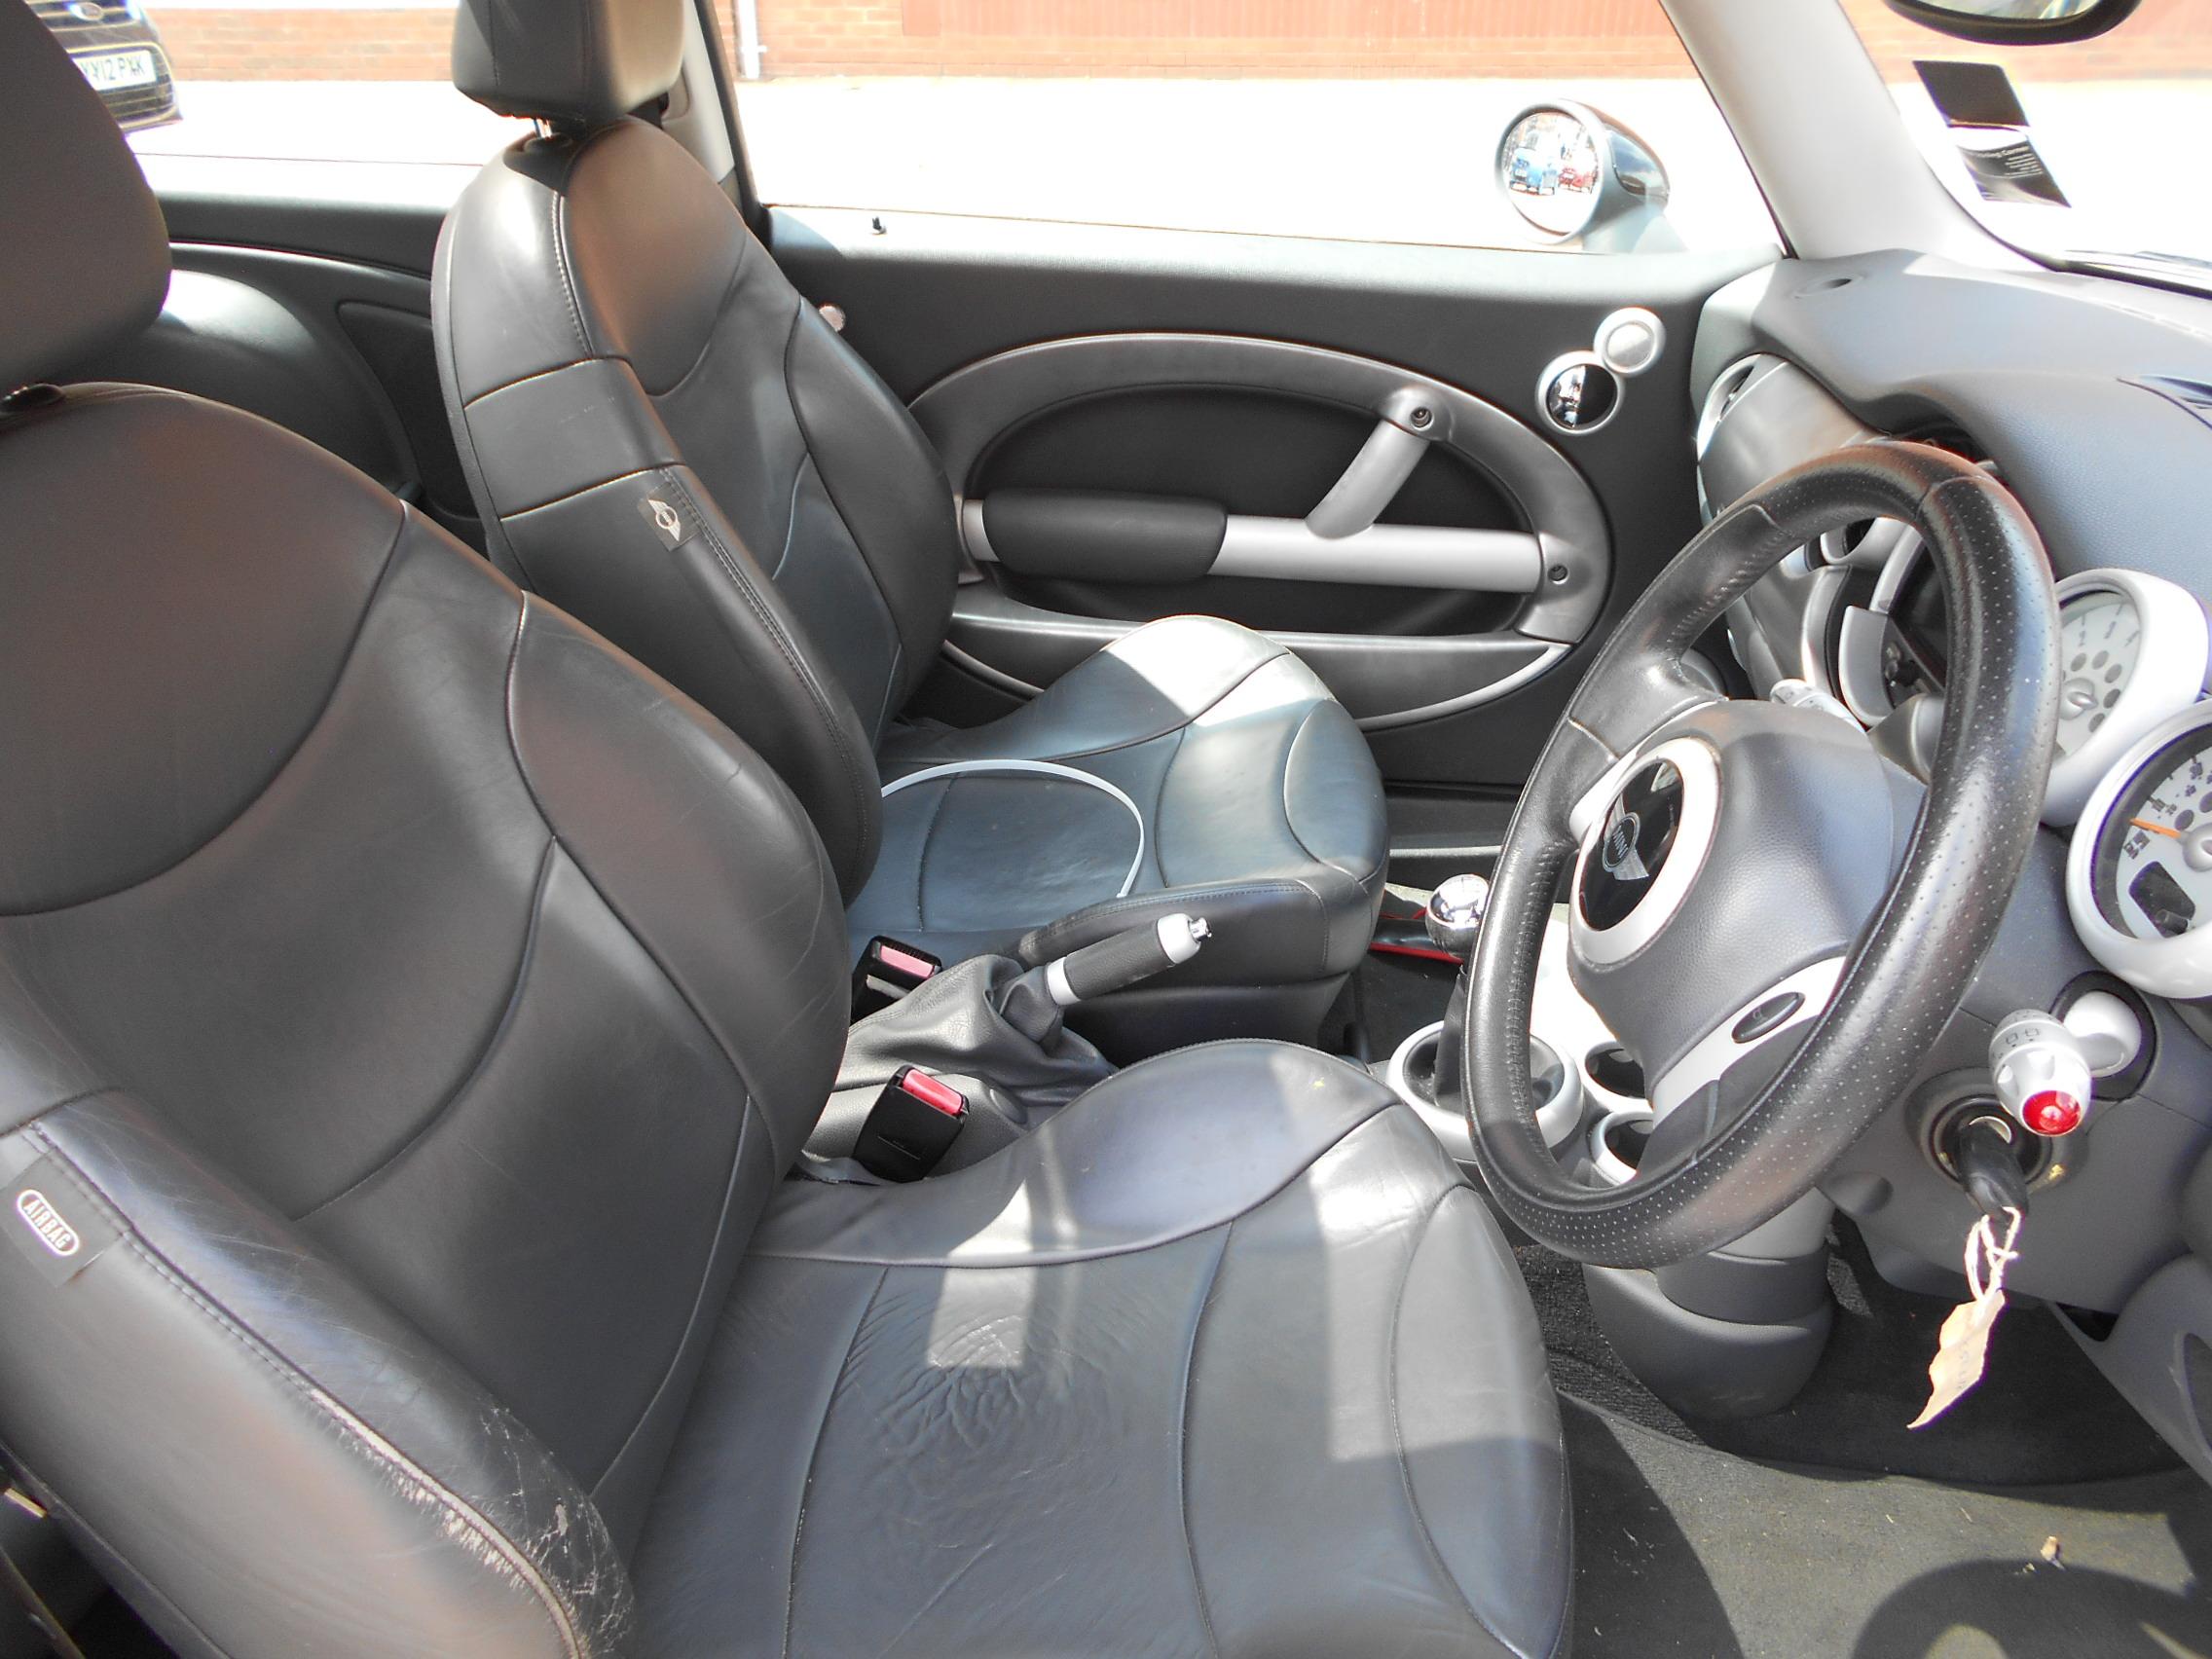 02 Dark Silver 1.6 BMW Mini Cooper S - 7